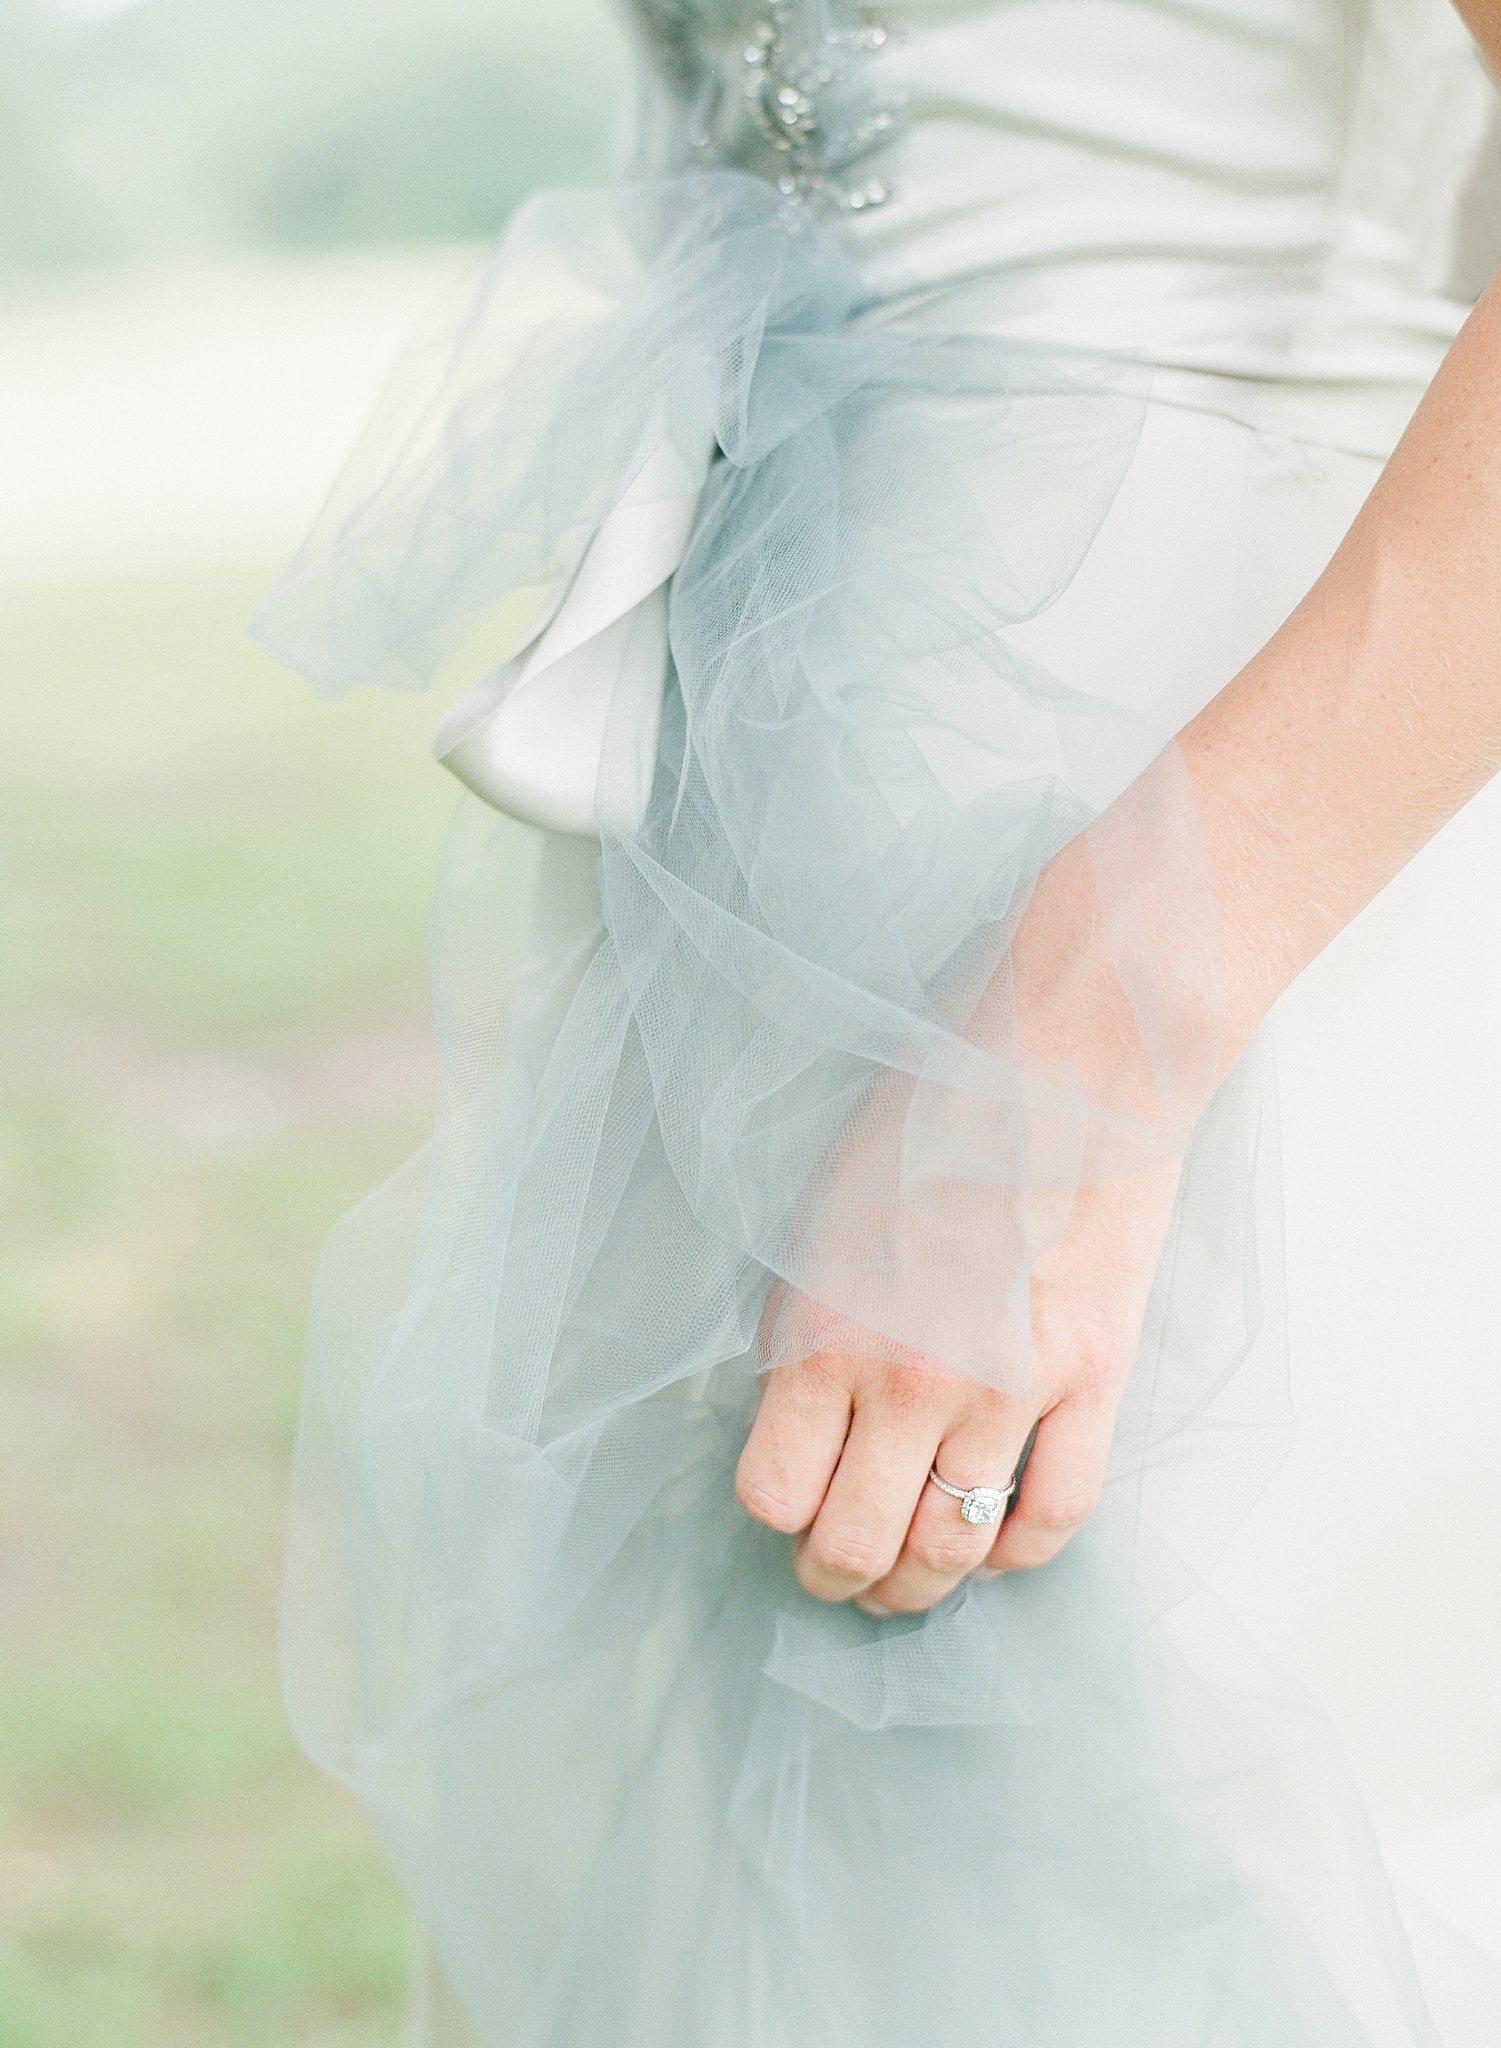 Carol Hannah Bridal Downton Gown TSOS-joyce-ko-jodimillerphoto_014.JPG